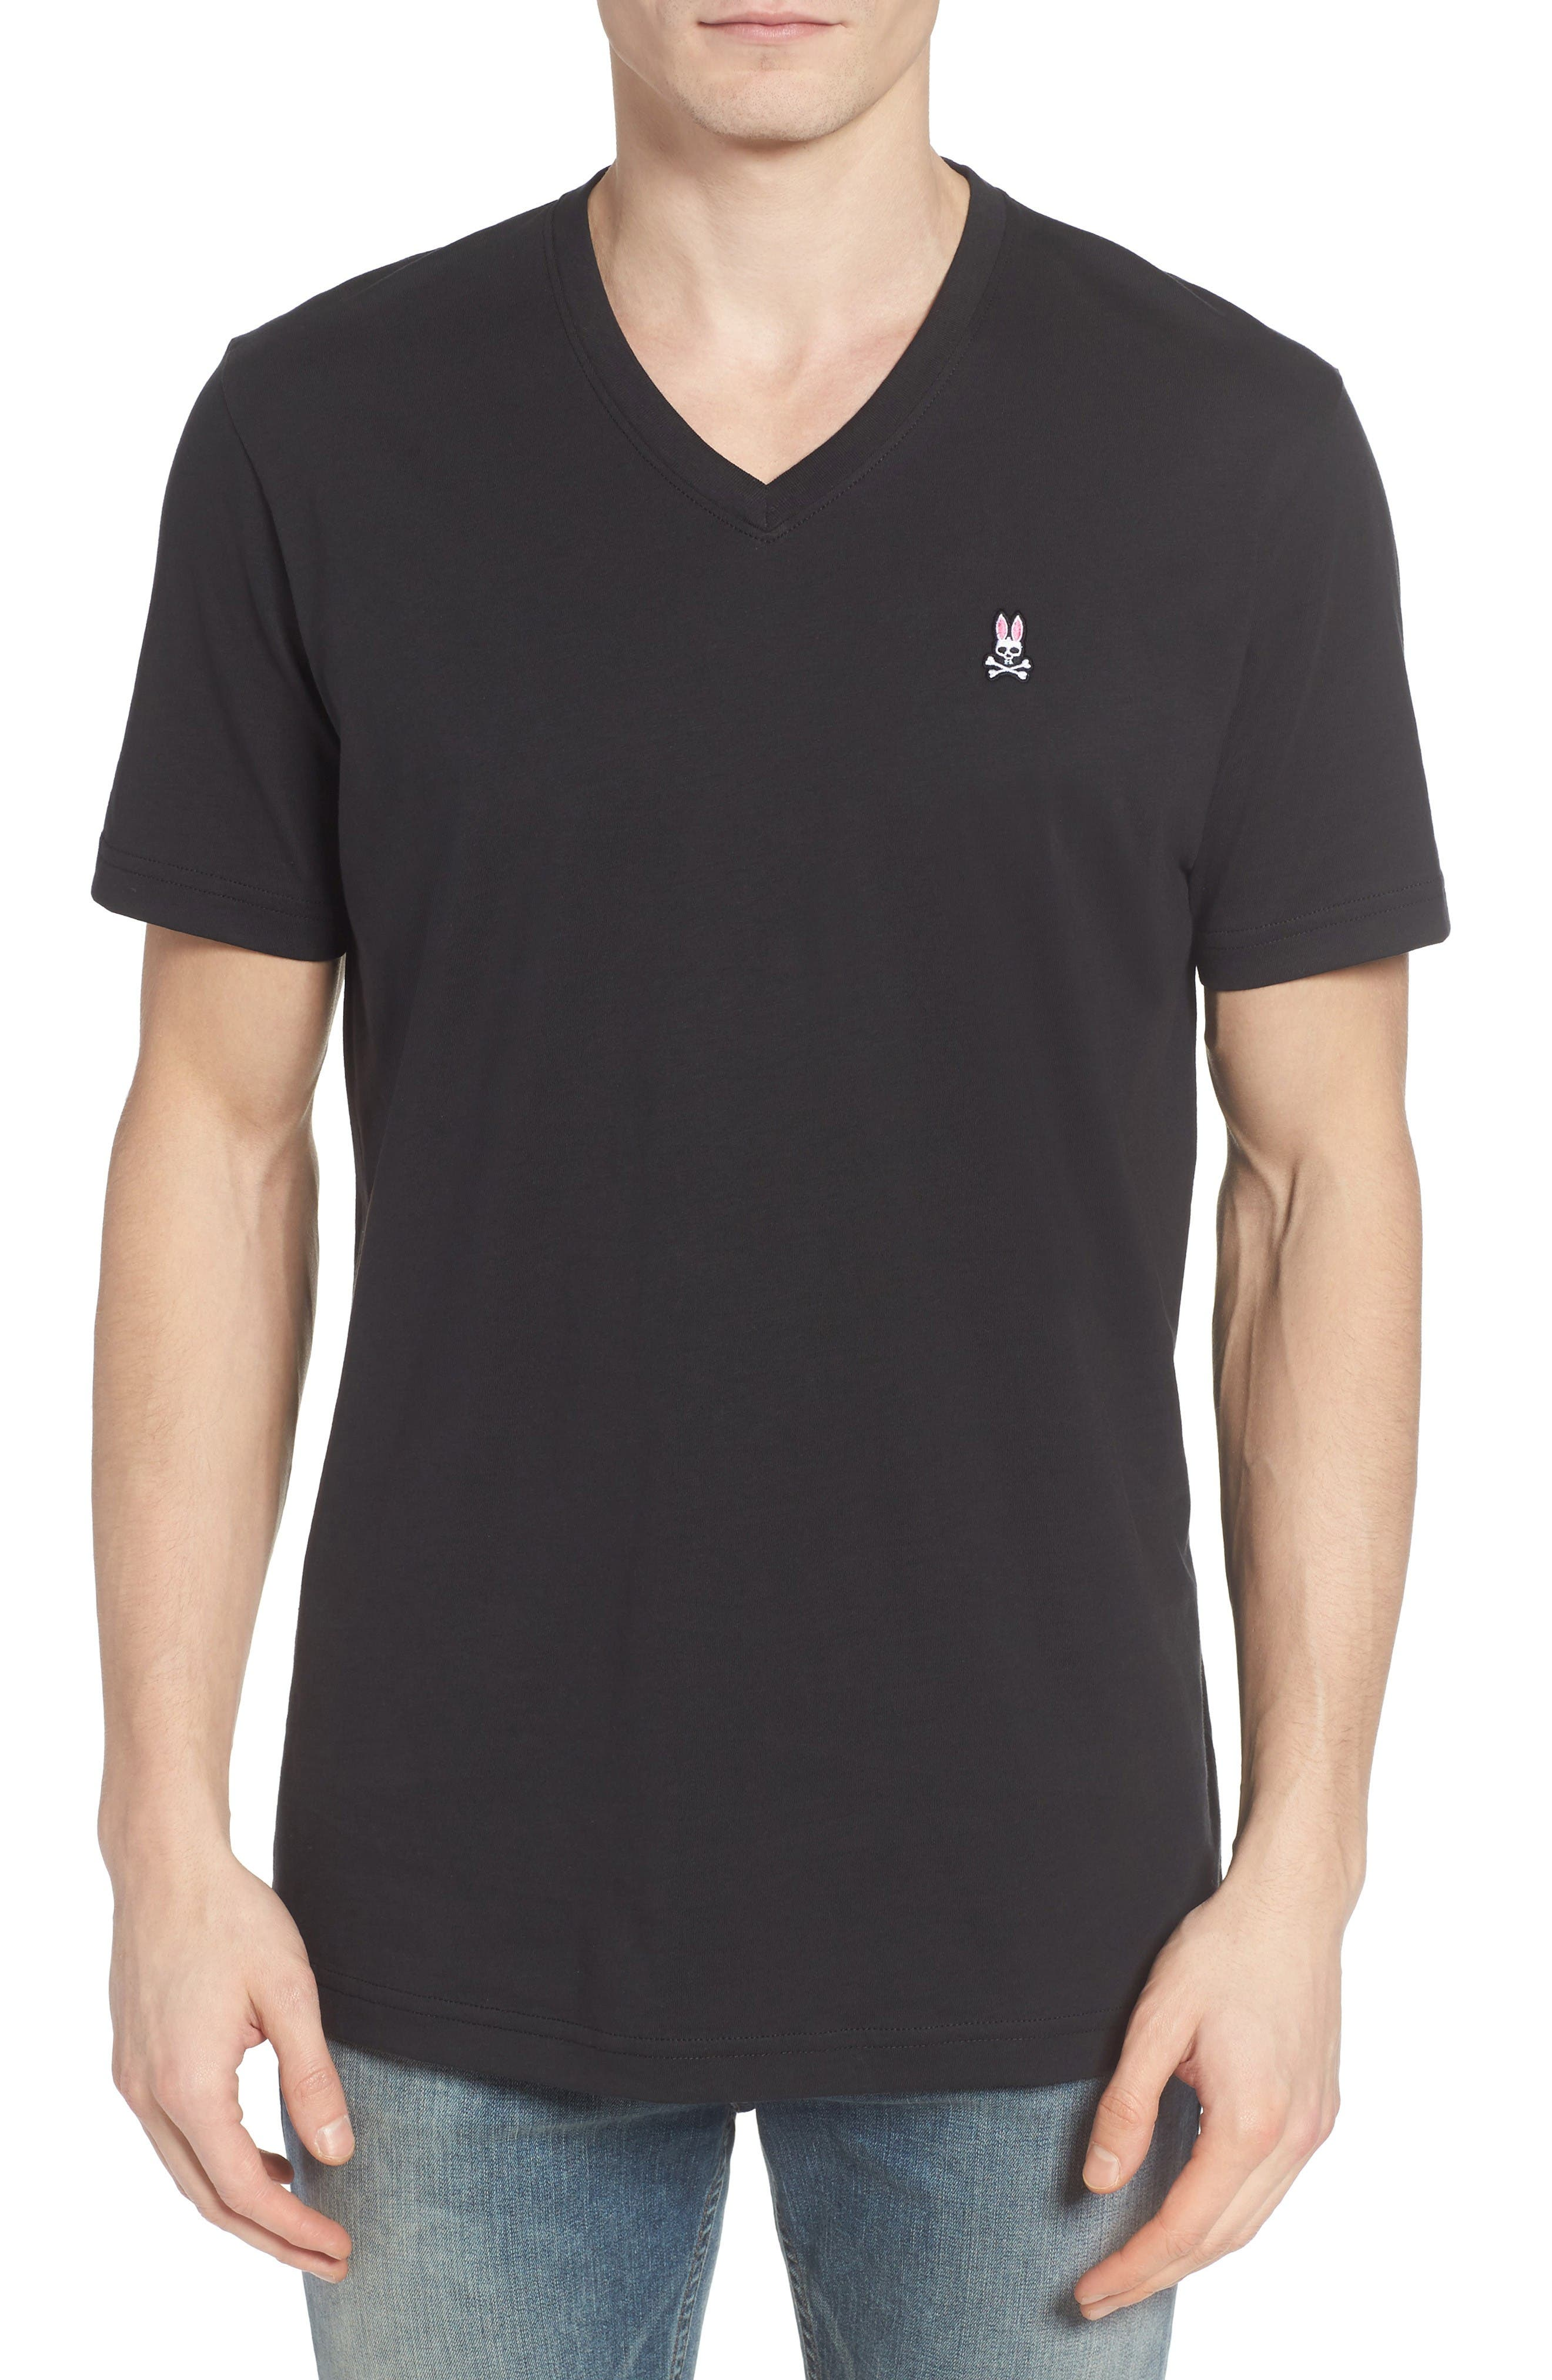 Psycho Bunny V-Neck T-Shirt